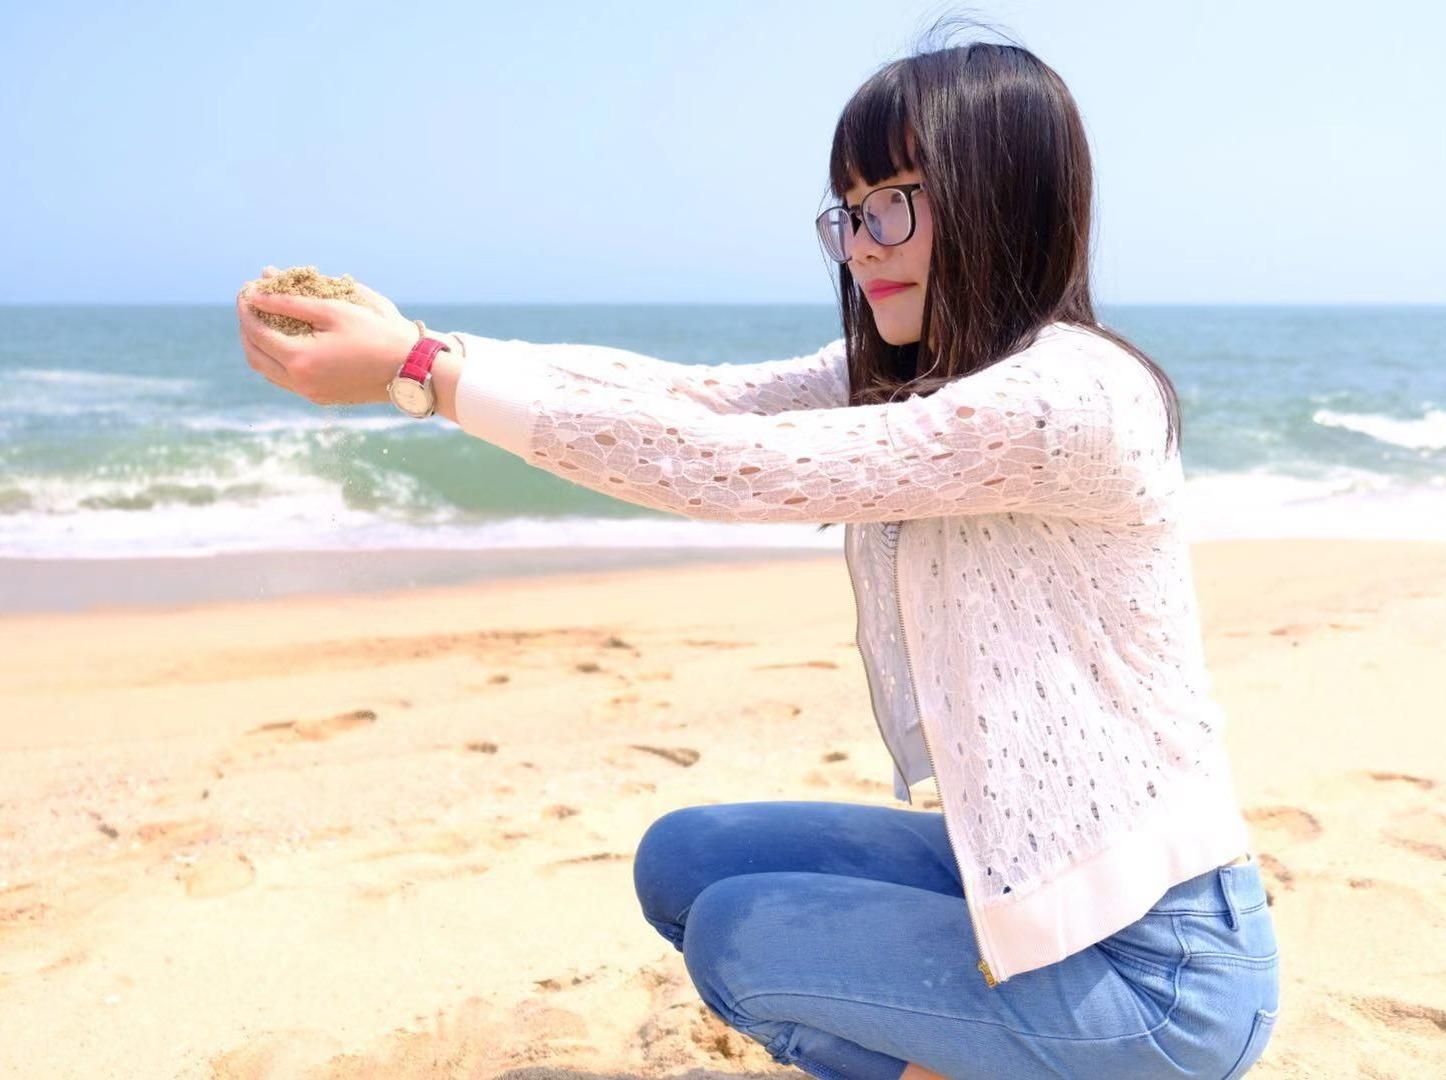 4月6日 台山去那琴湾海,海边徒步,